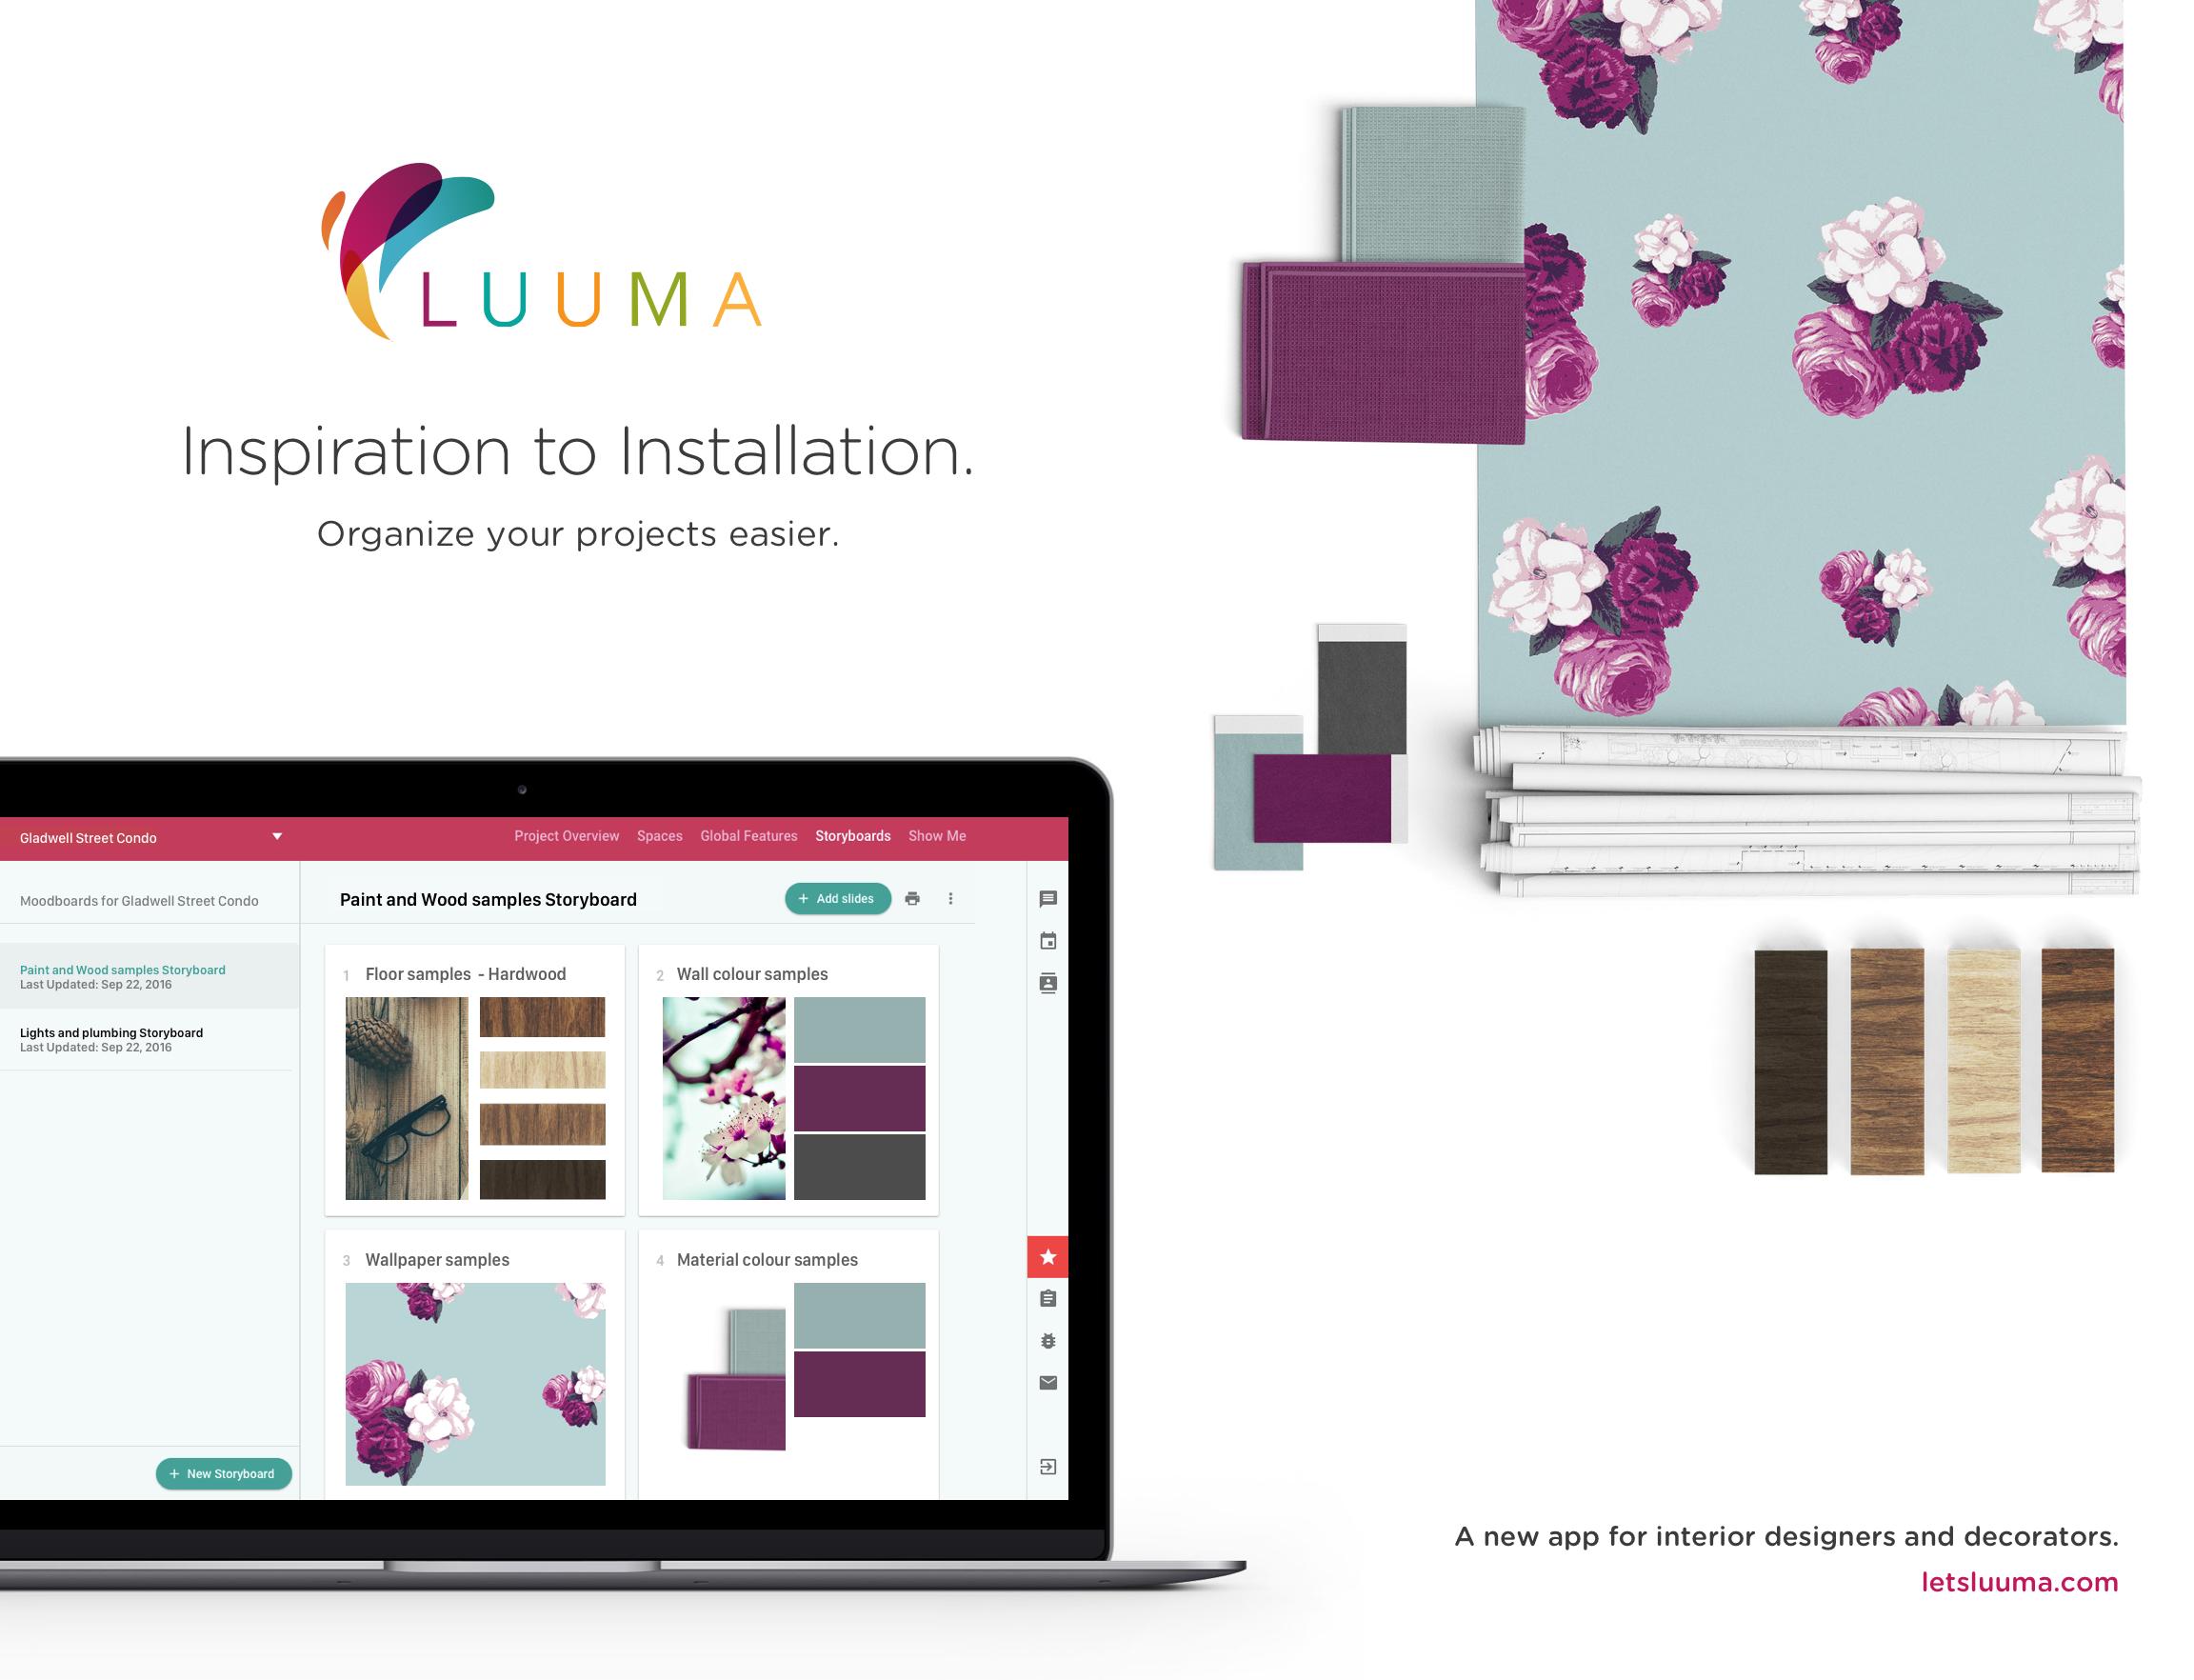 design_source_luuma_4.png